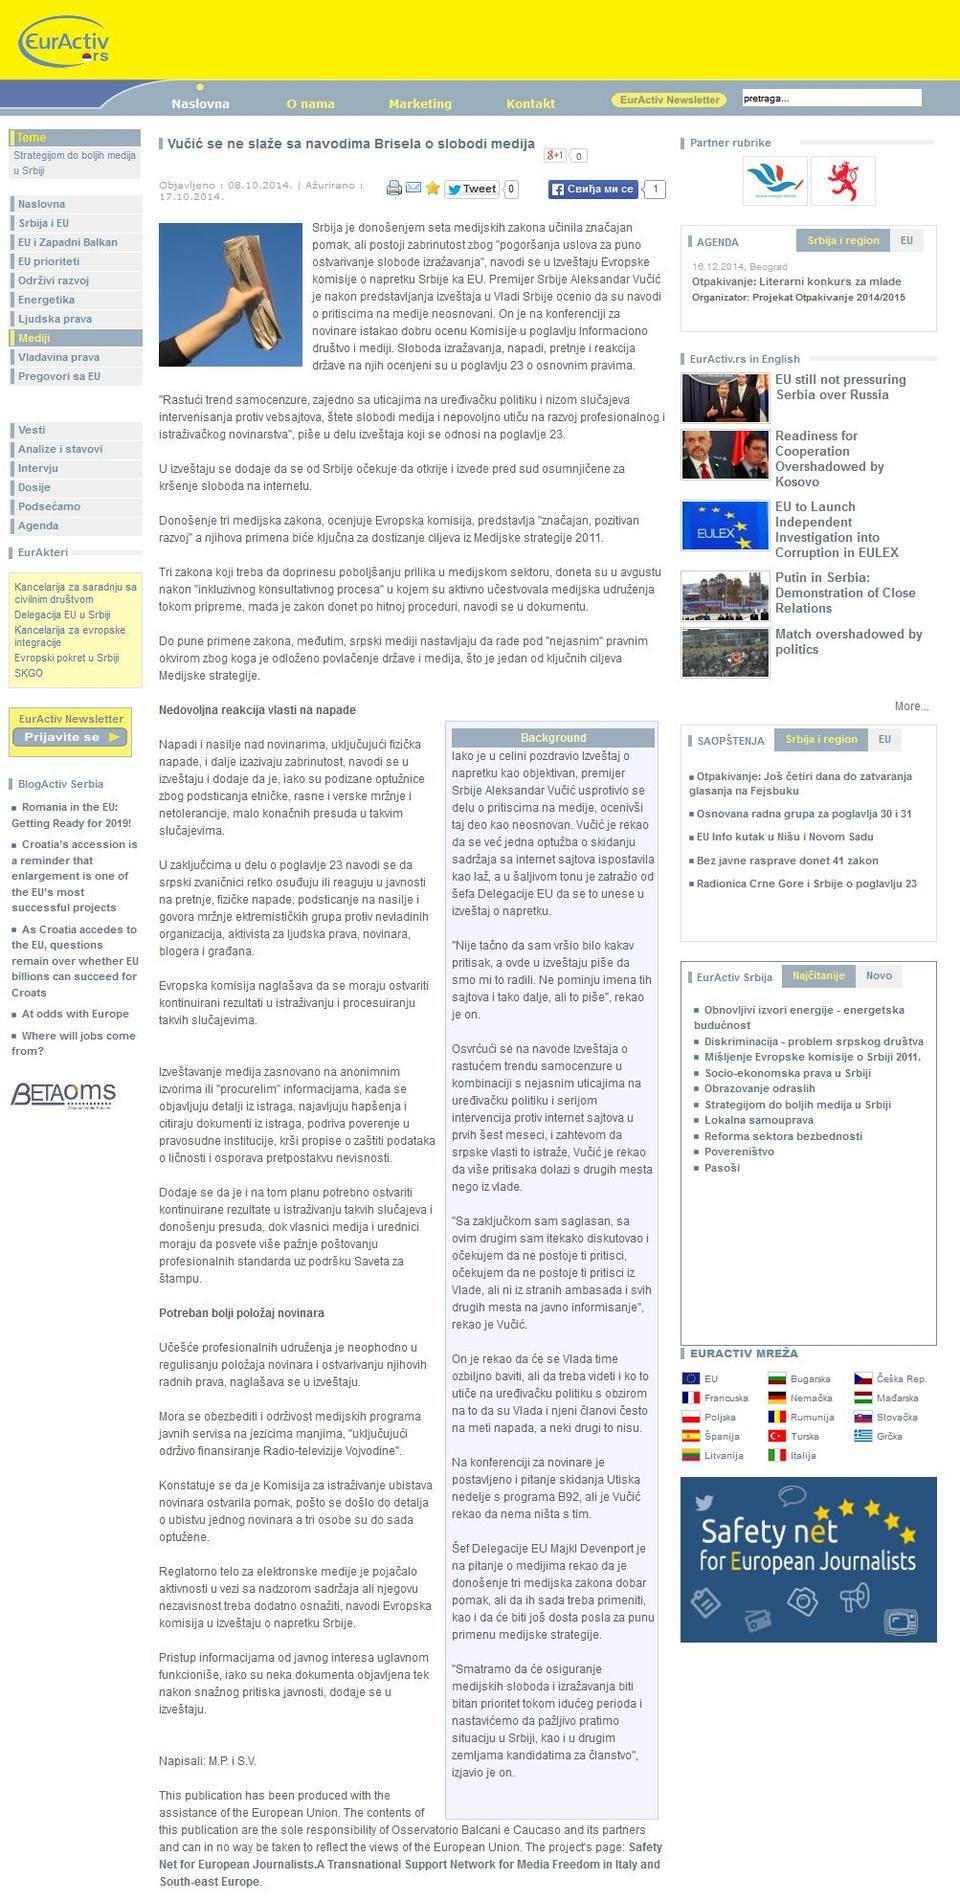 Screen Shot / Articolo